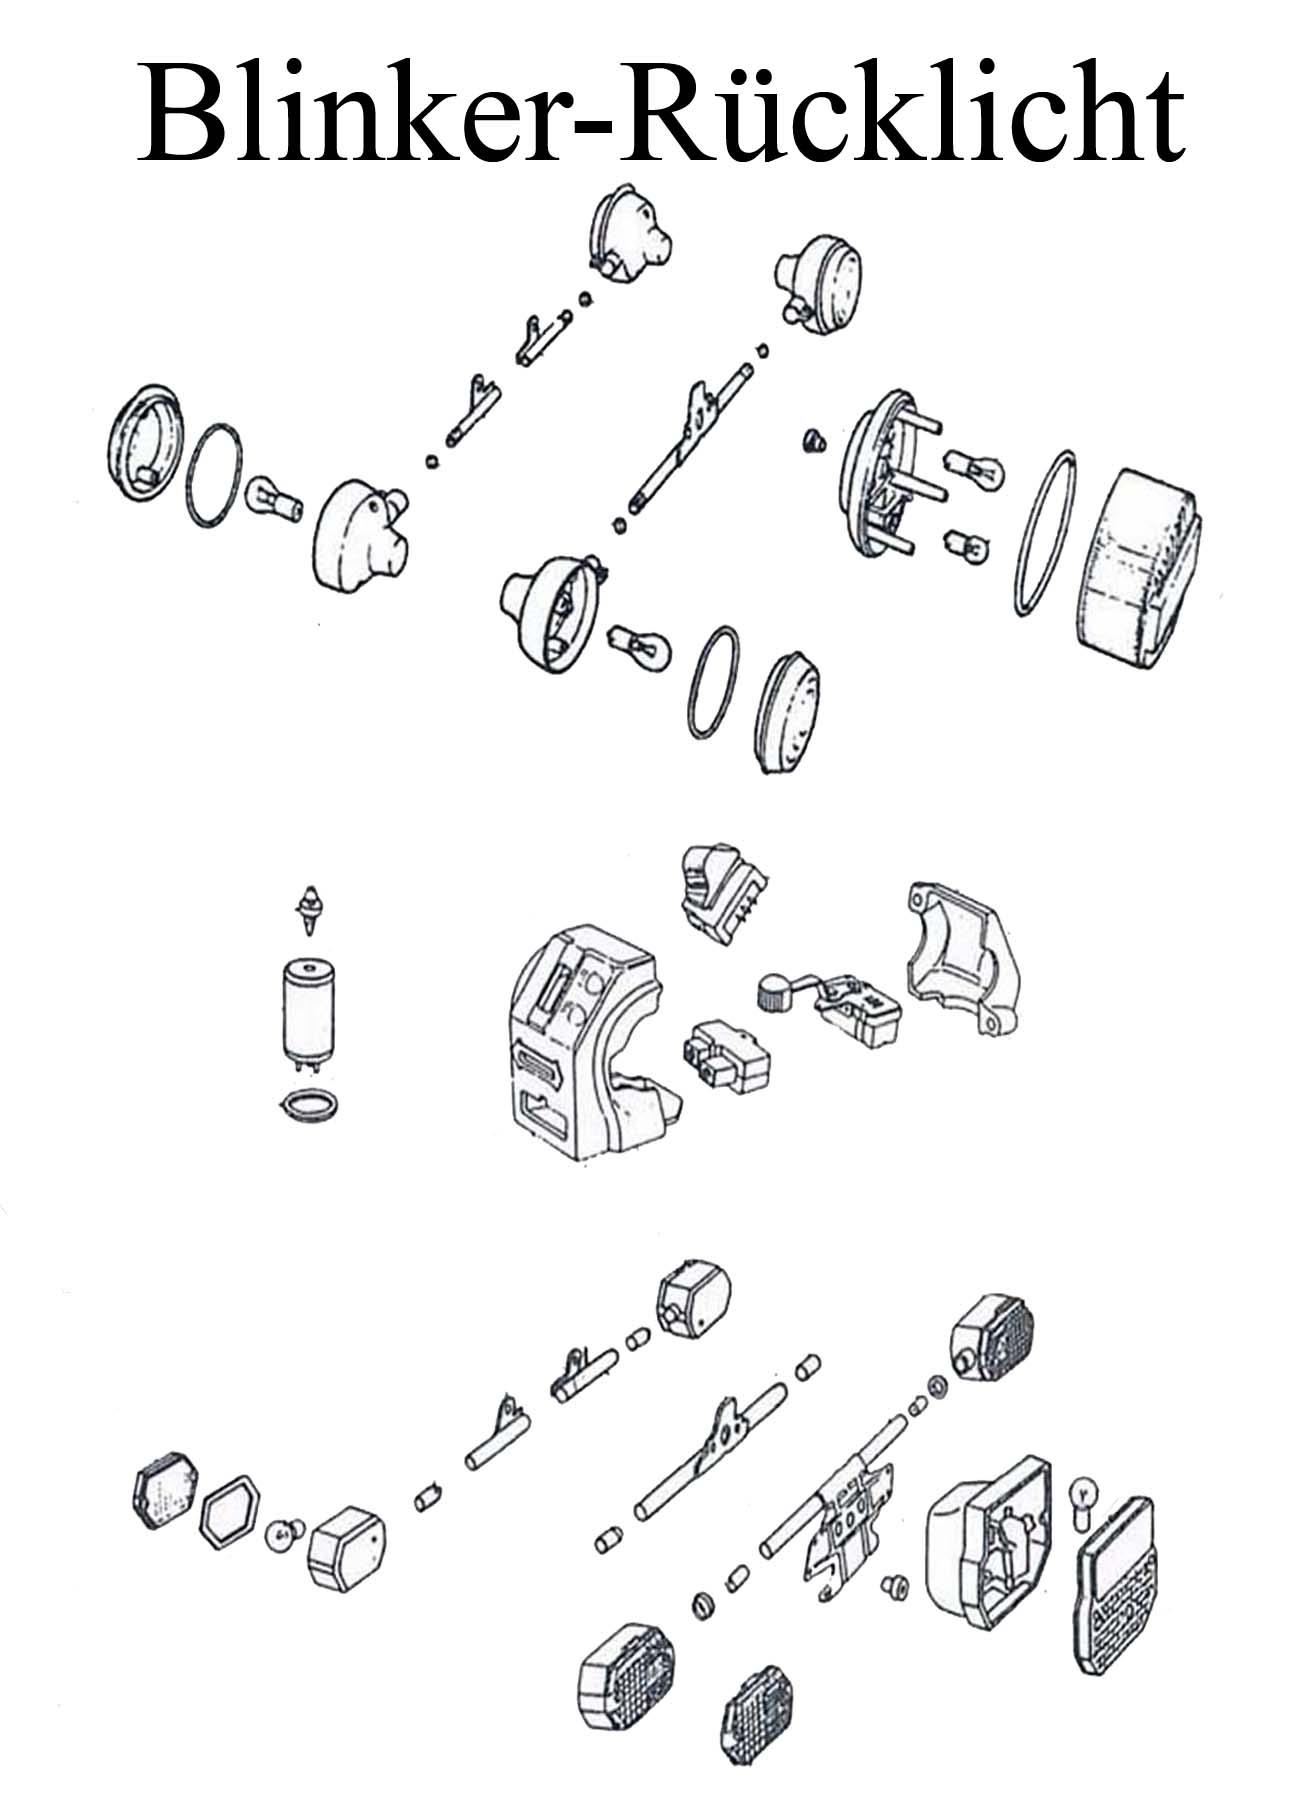 MZ ETZ 125-150 Ersatzteileliste Blinkerglas Rücklichtkappe Schalter Blinkgeber Halter Birne Lampe